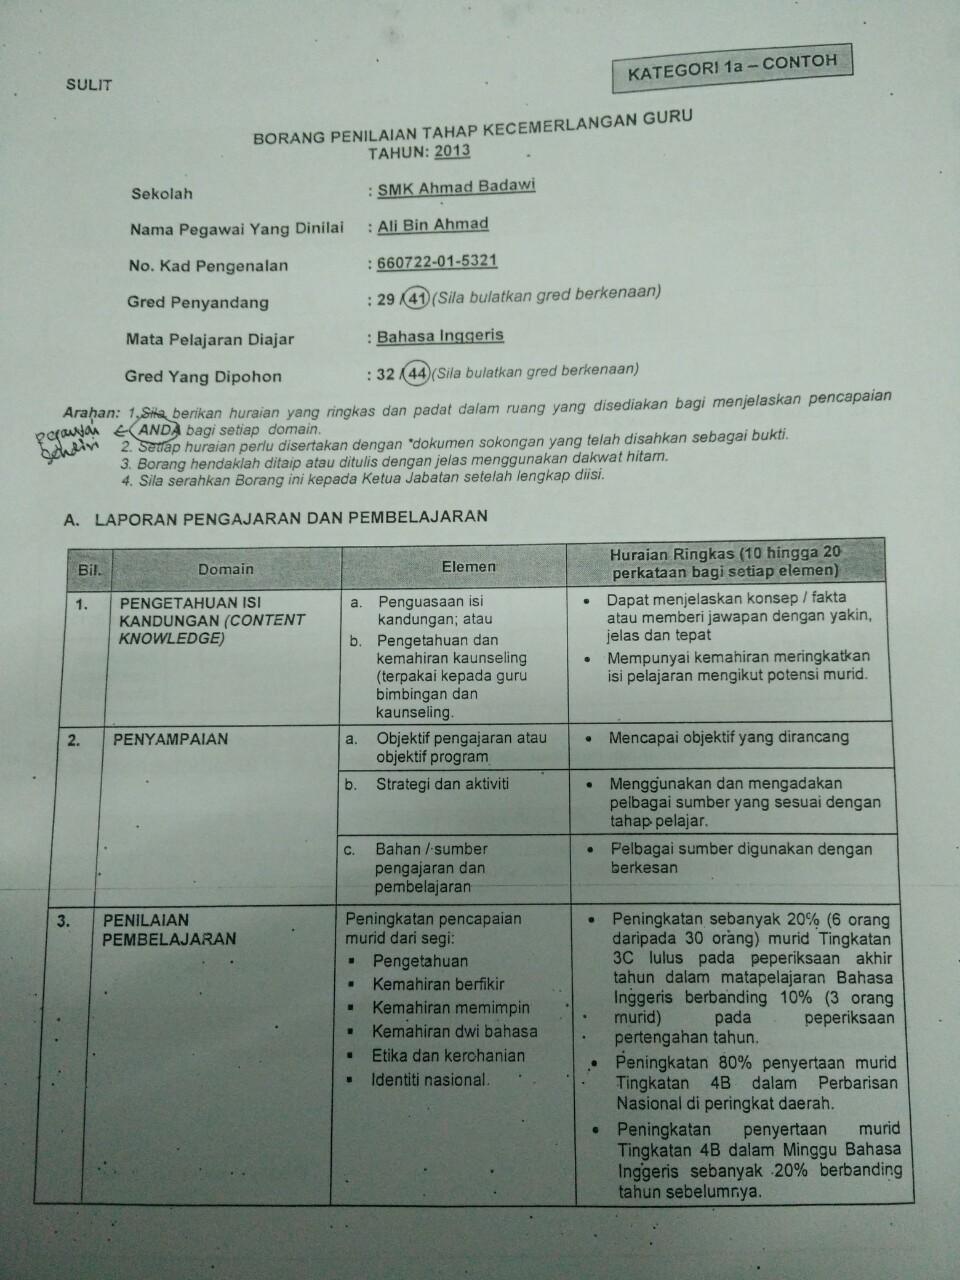 It S My Life Borang Penilaian Tahap Kecemerlangan Guru Dg44